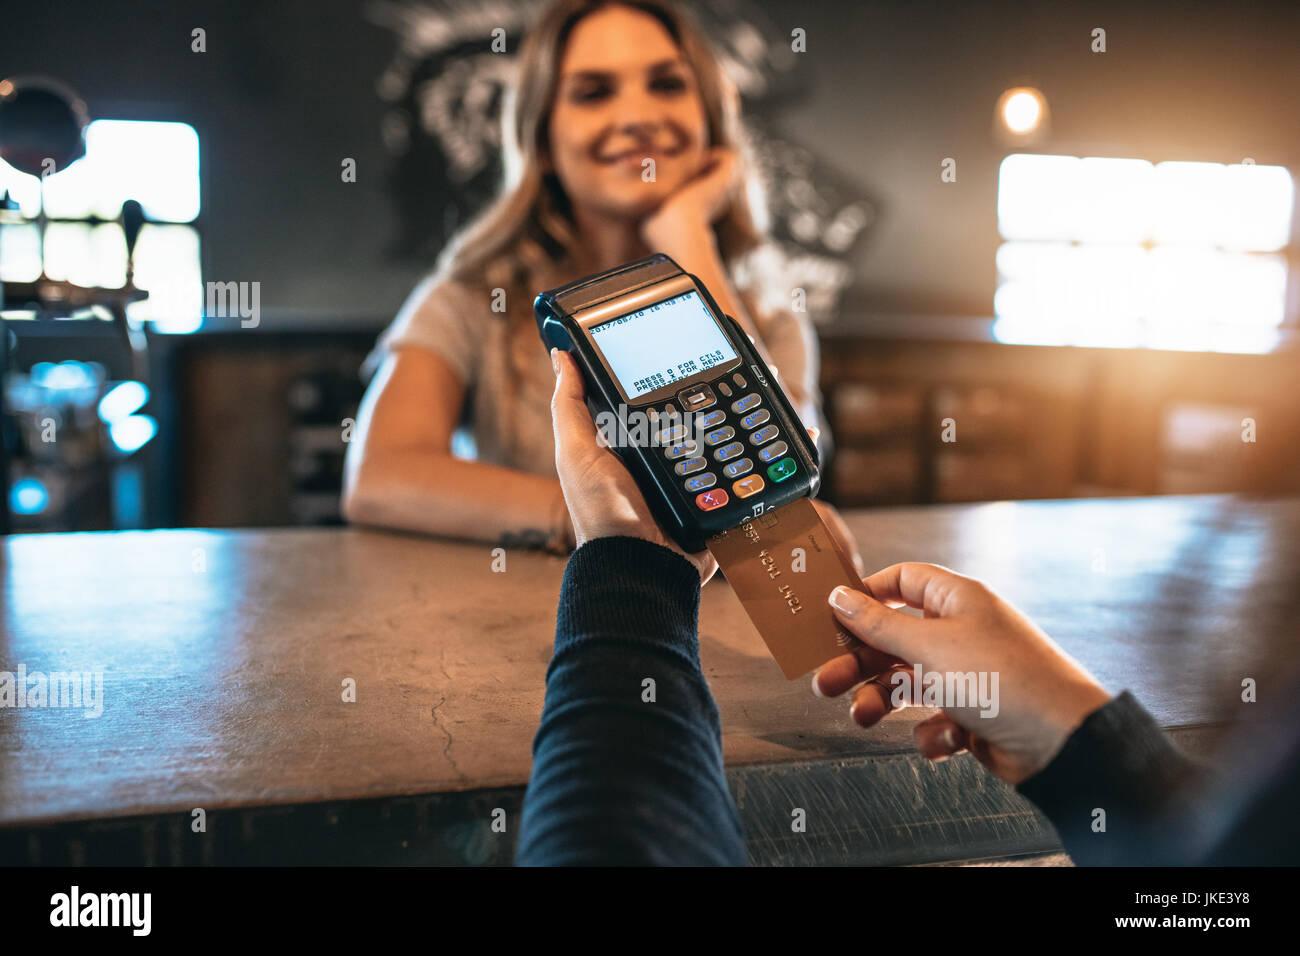 Immagine ritagliata dell uomo di pagare con una carta di credito presso il bar con la femmina dietro il bancone. Immagini Stock